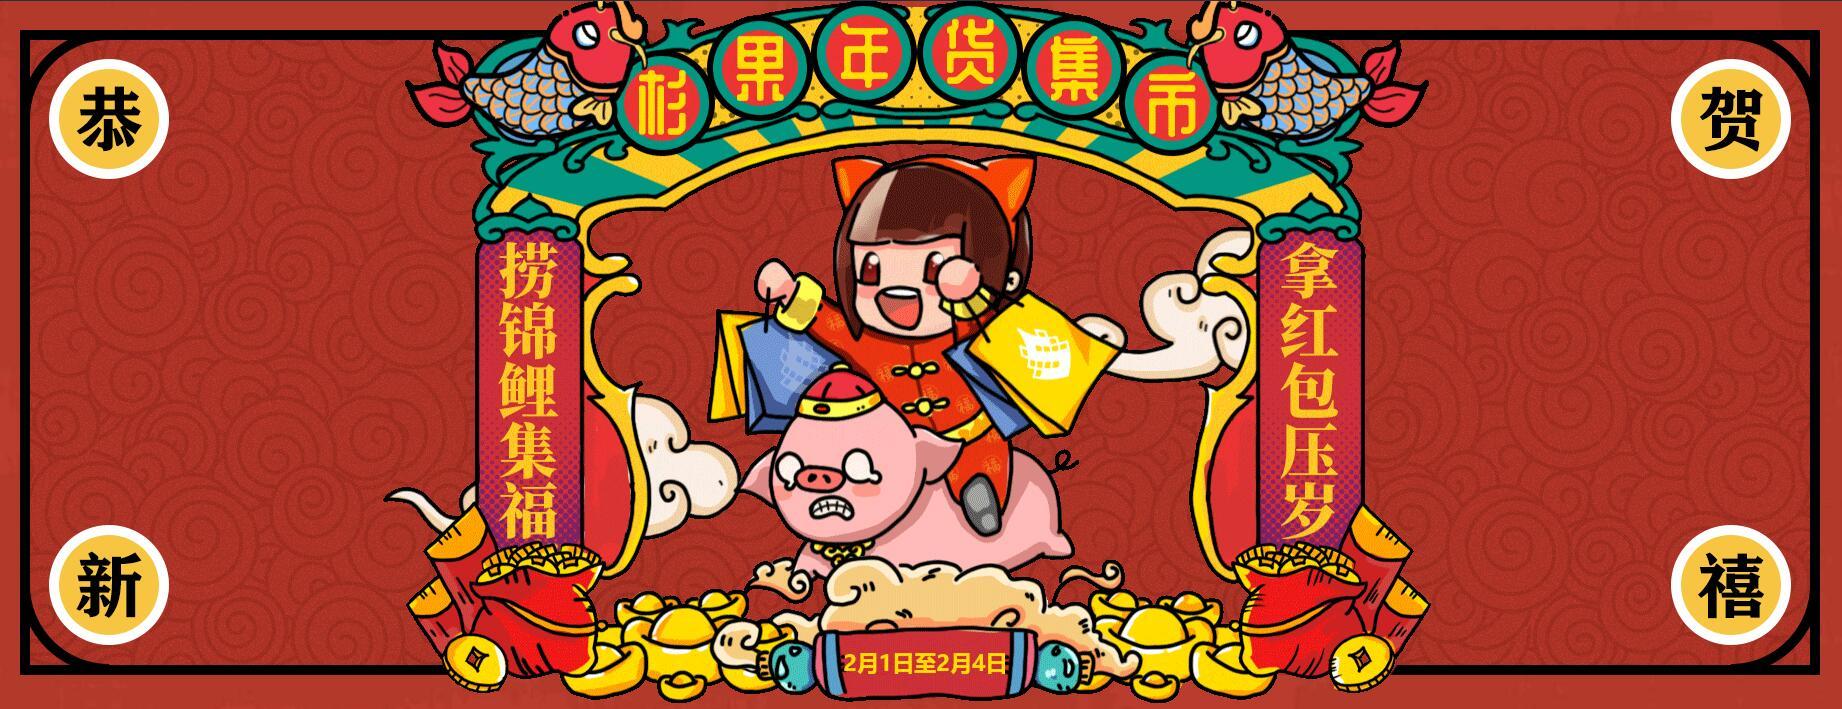 杉果春节:《全境封锁2》上架 《彩虹六号》创新史低